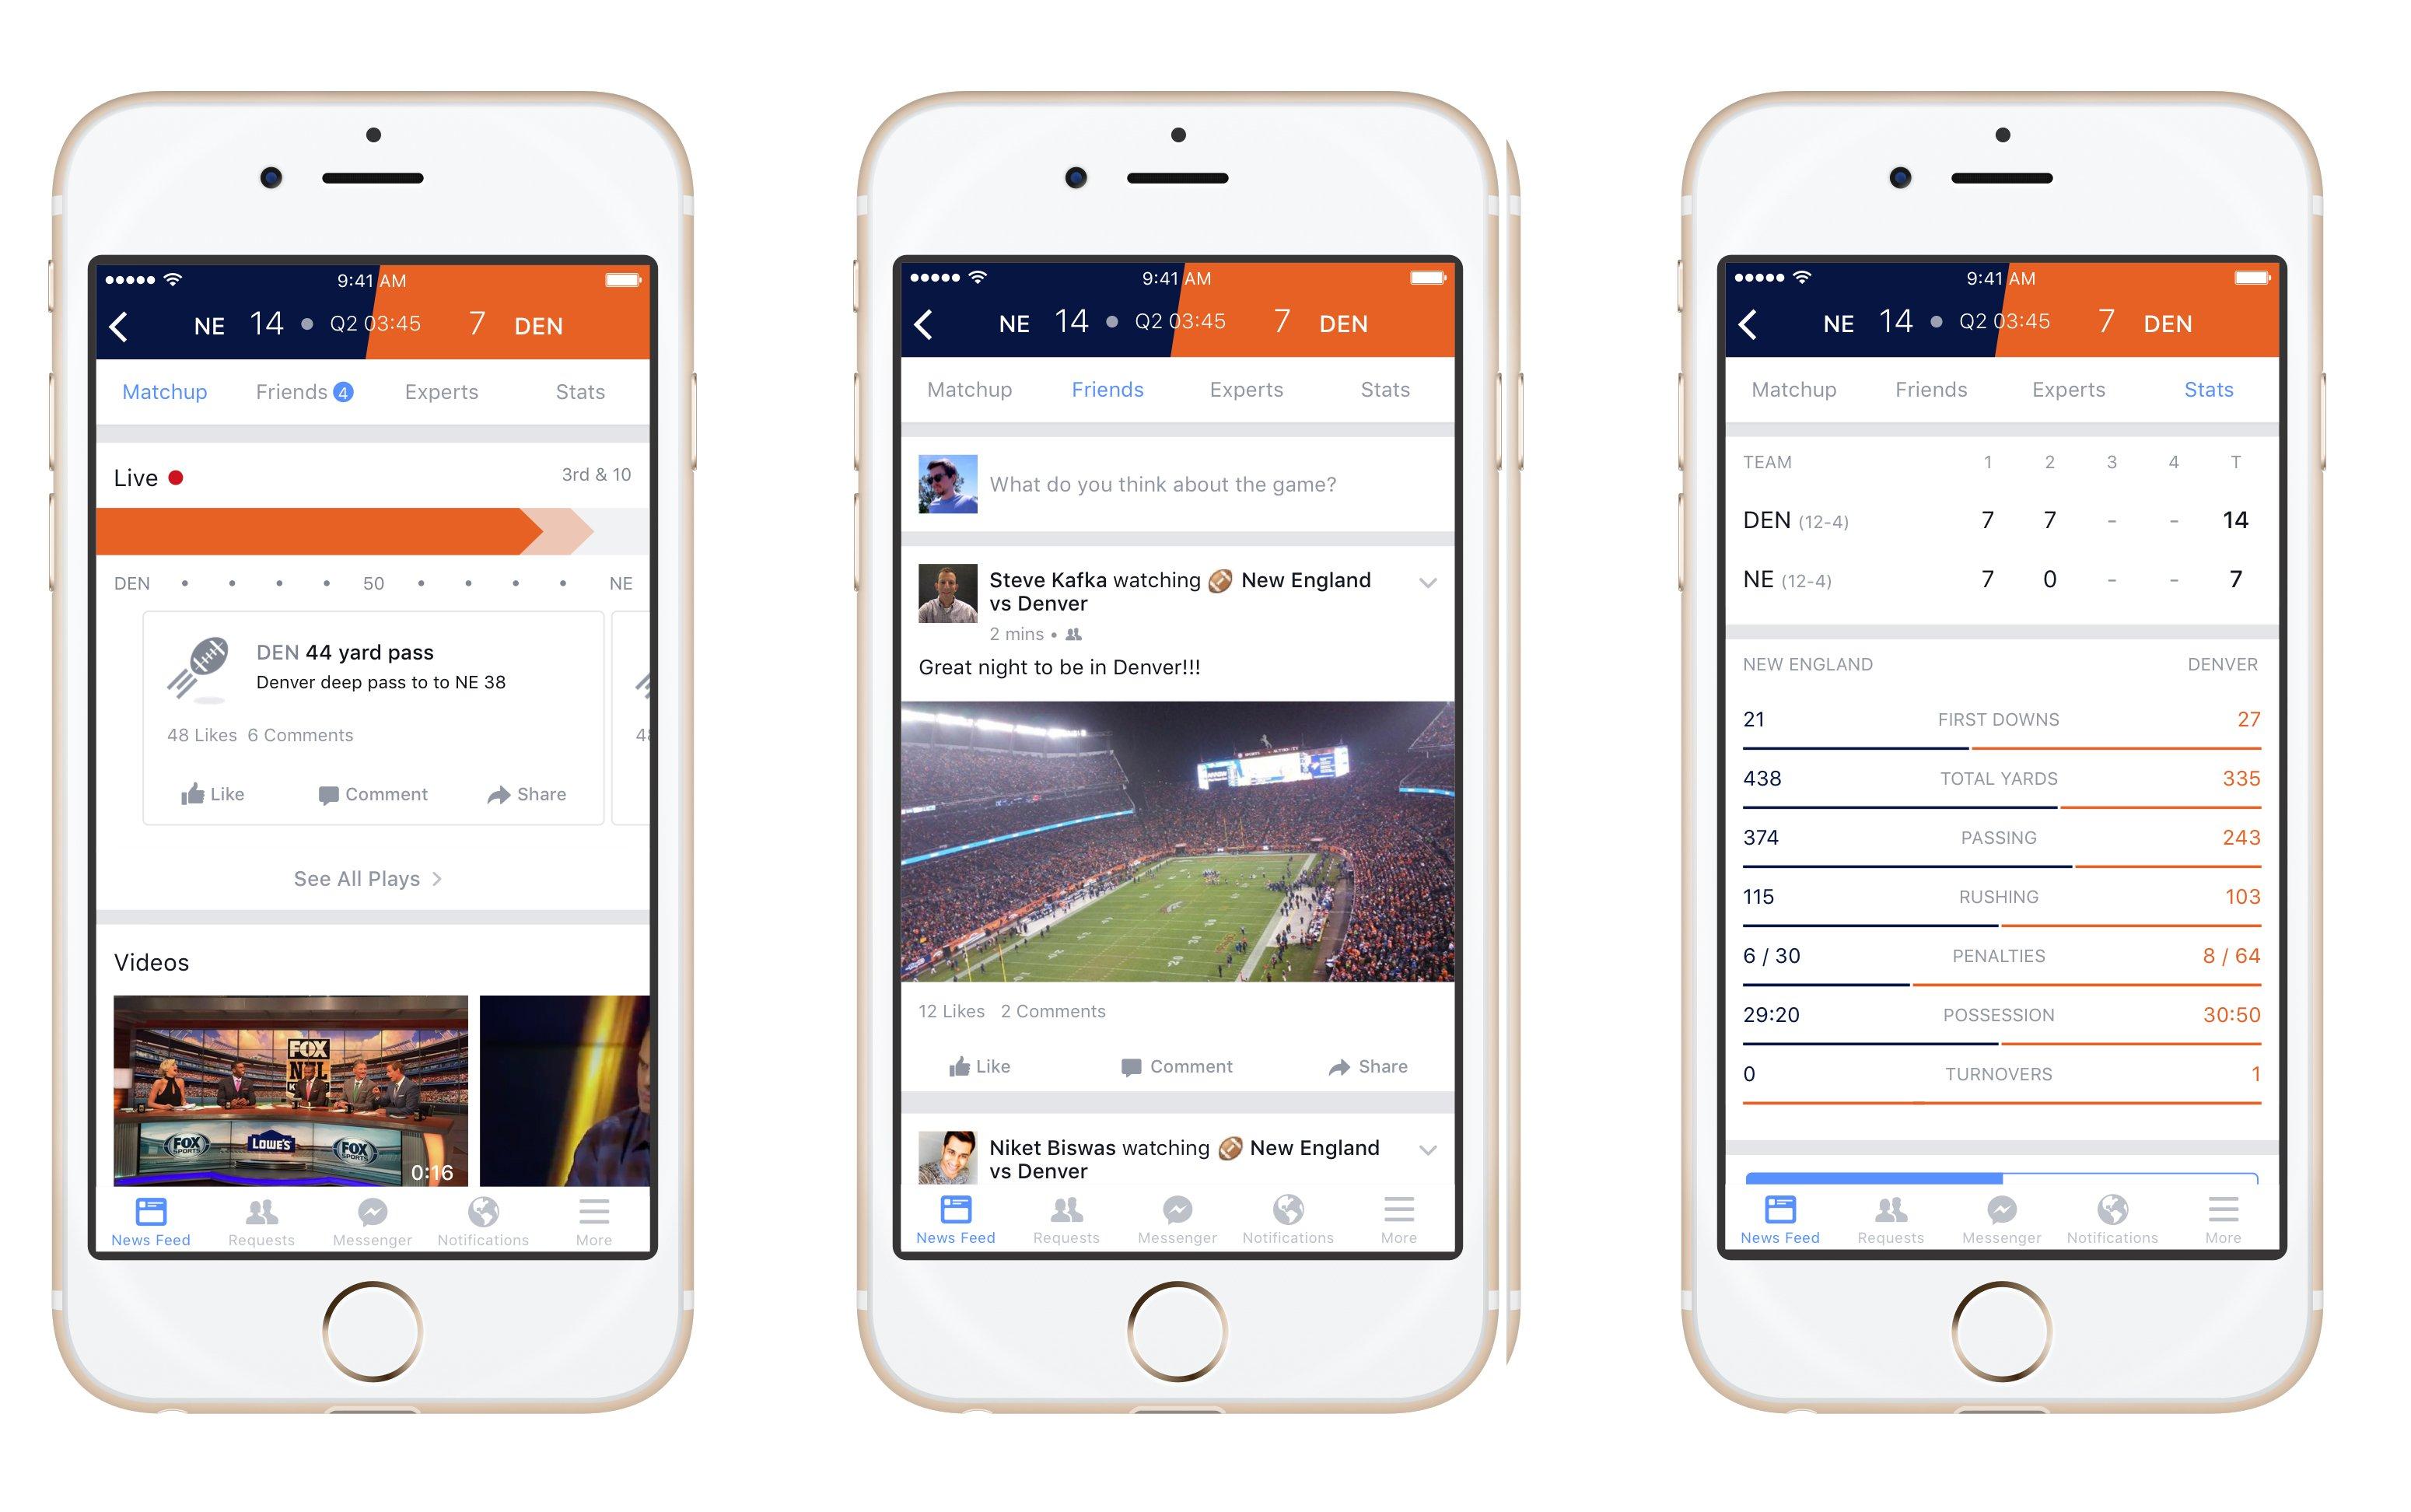 Facebook, canlı maç takibi için Sport Stadium yeniliğini tanıttı